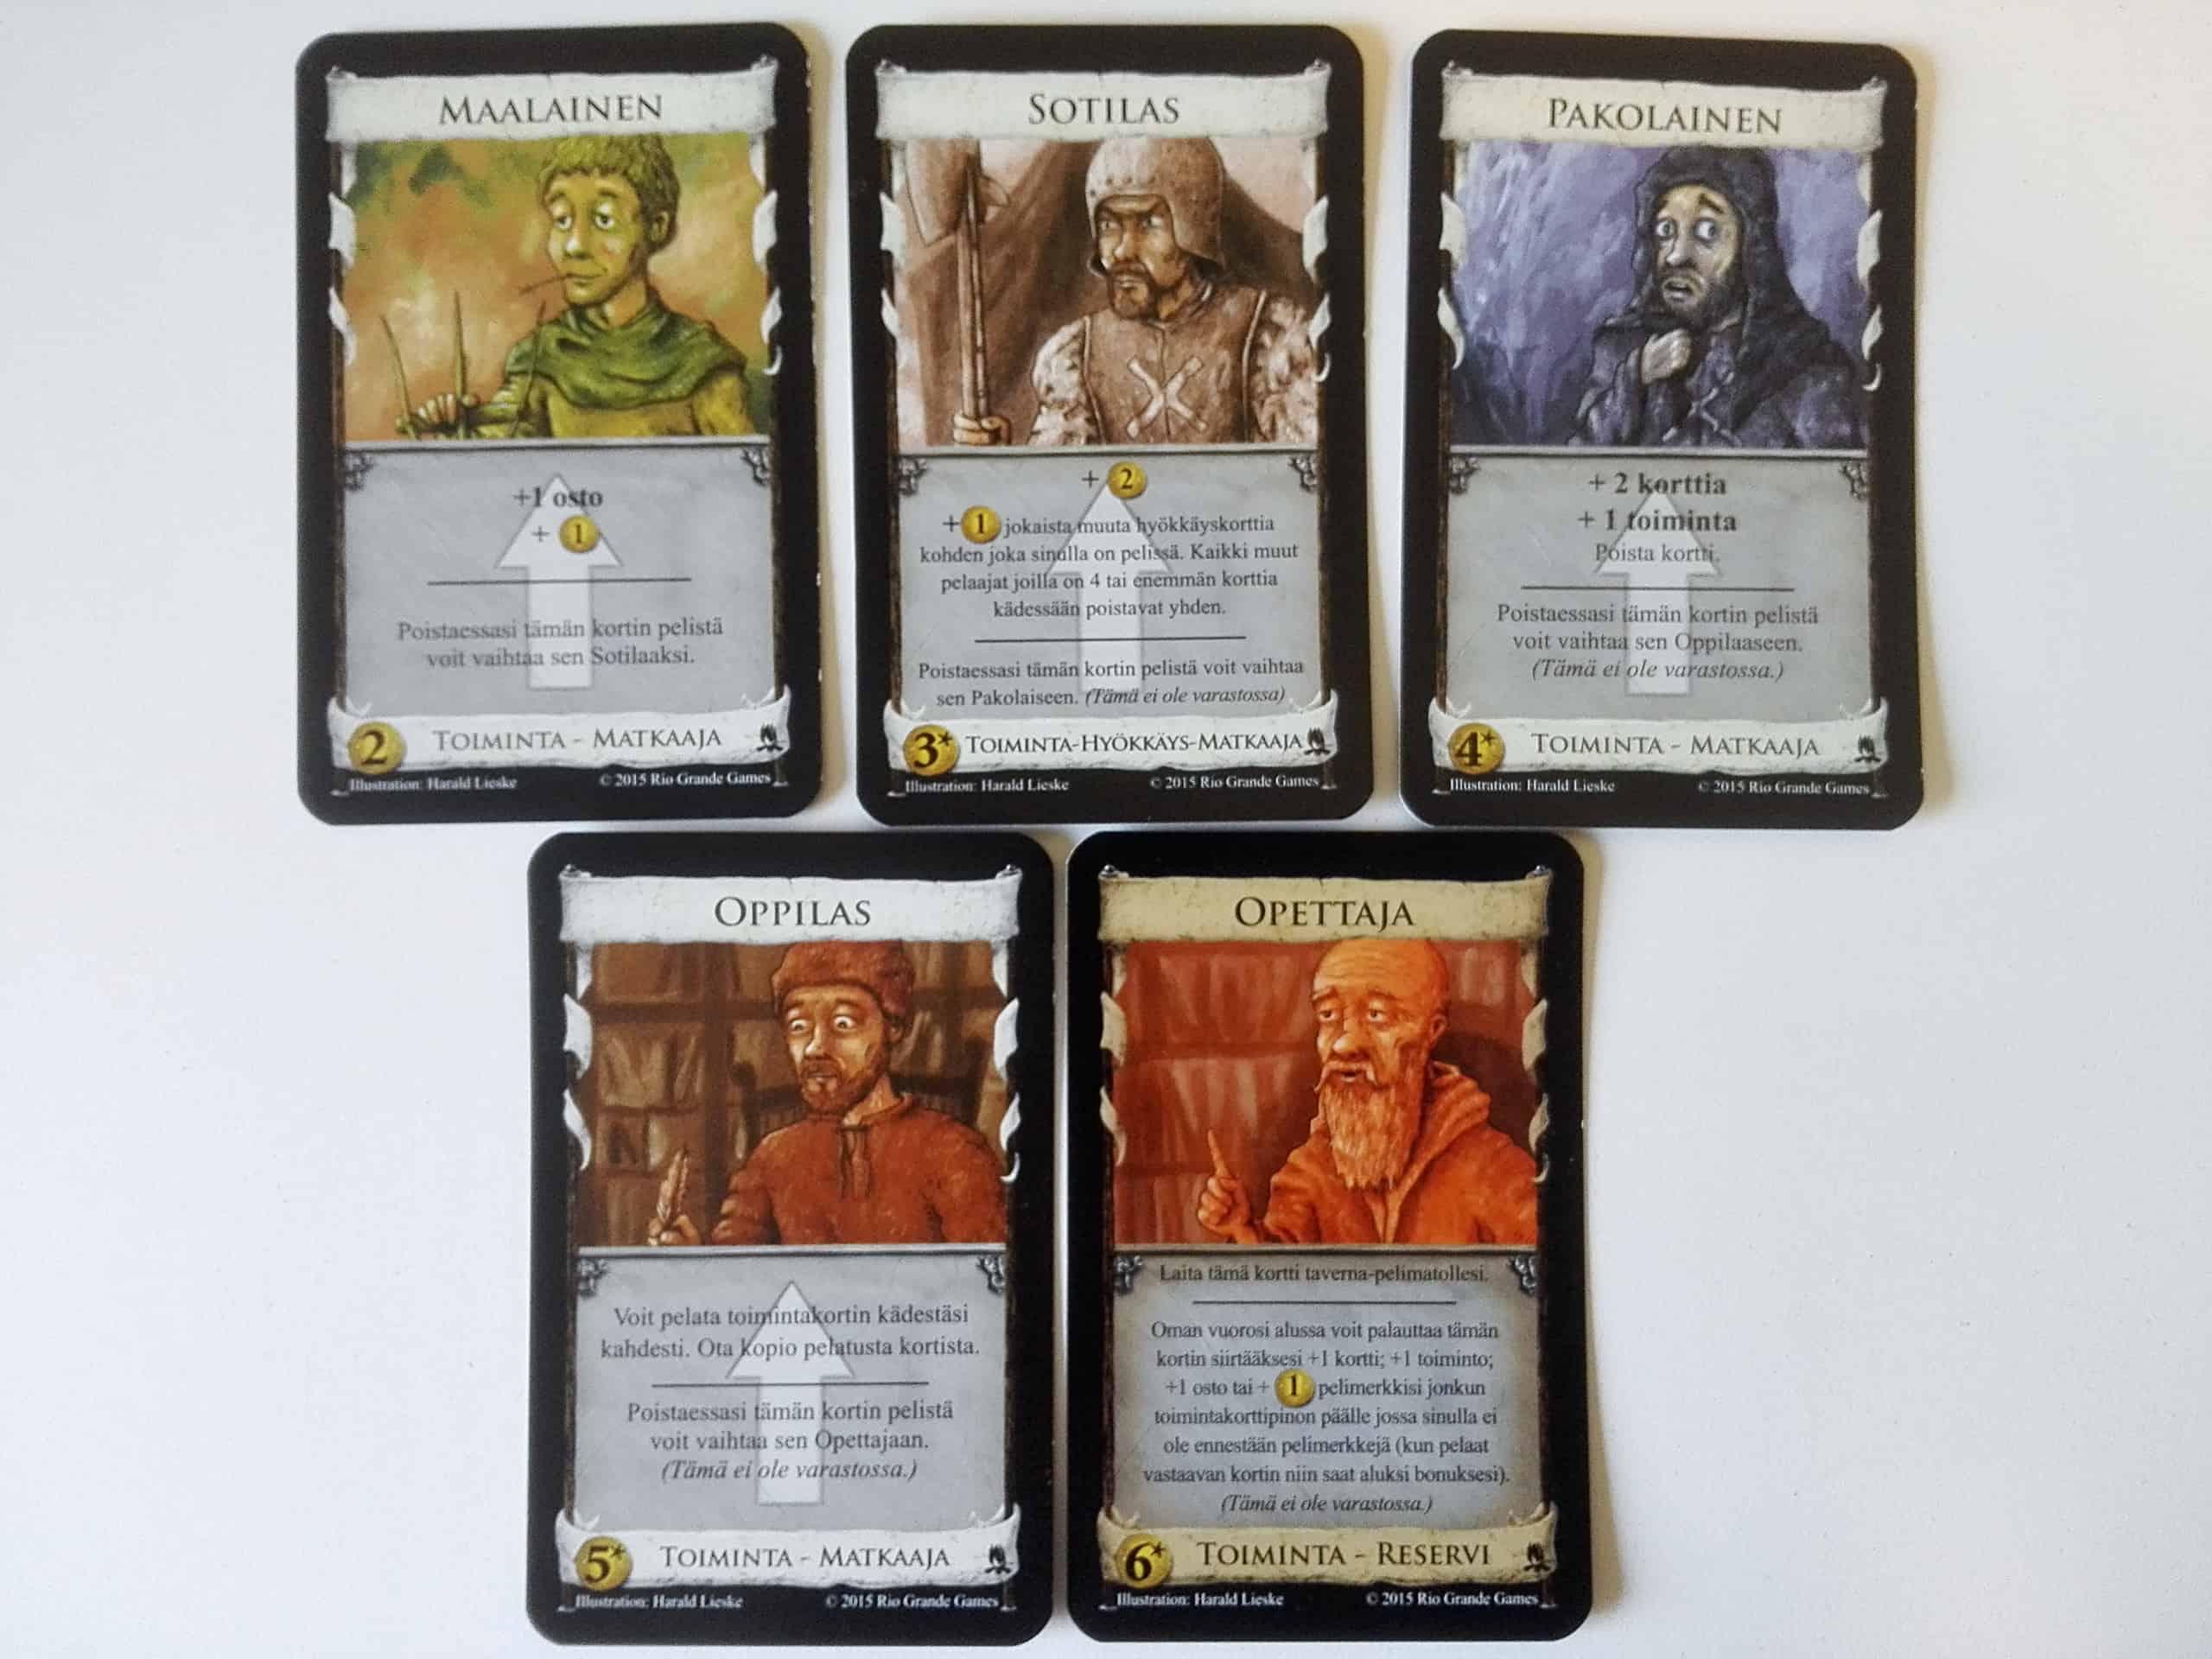 Matkaaja-korttien kehitysvaiheet maalaisesta sotilaan, pakolaisen ja oppilaan kautta opettajaksi.